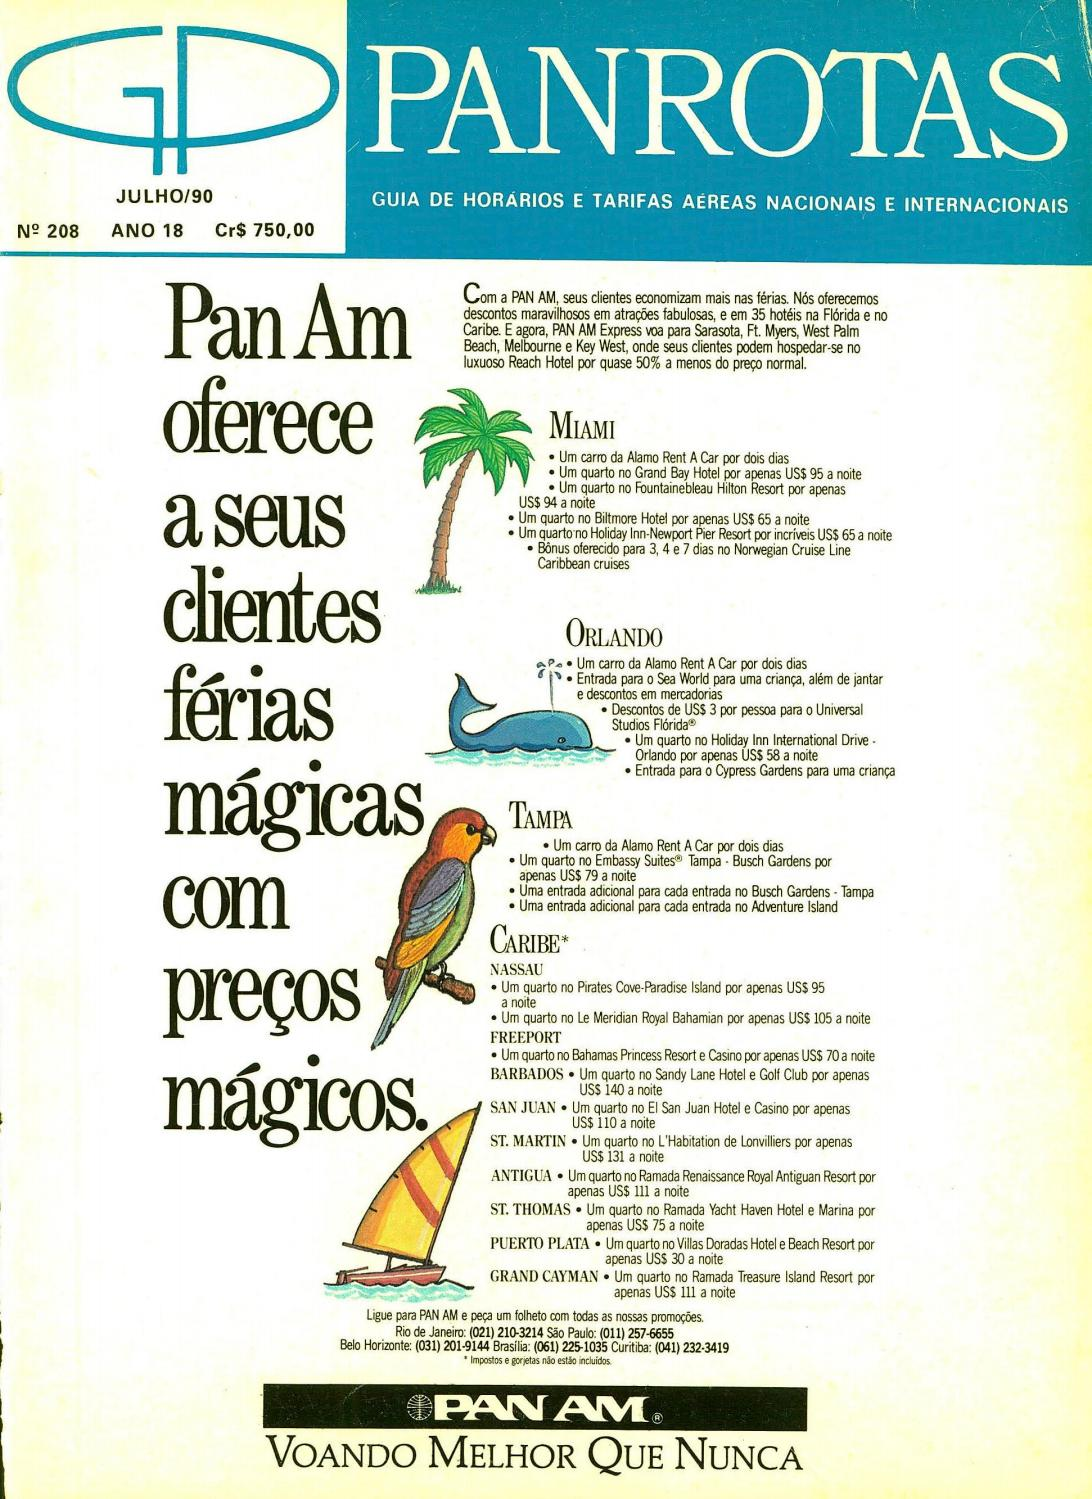 Guia PANROTAS - Edição 208 - Julho 1990 by PANROTAS Editora - issuu 9cf4ffd642